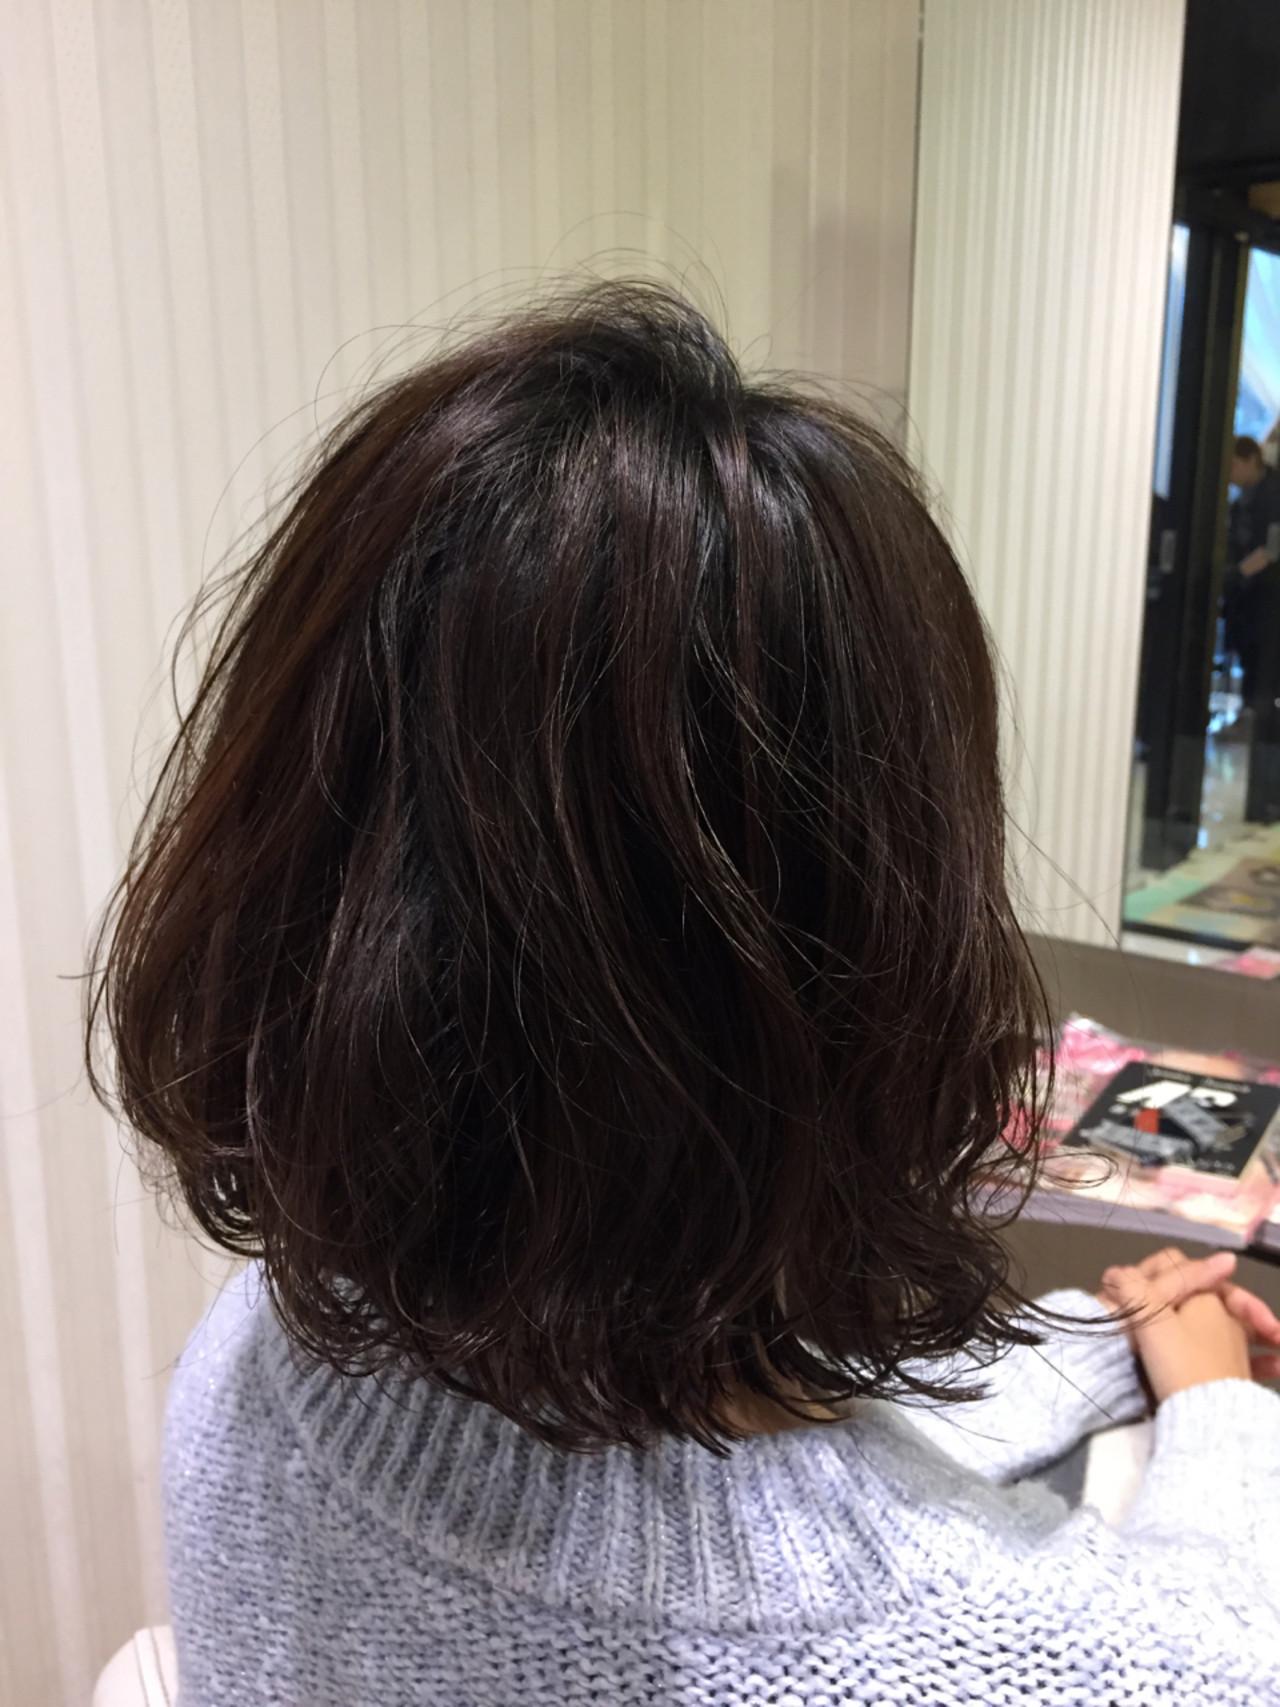 ワンカール デジタルパーマ ショート ナチュラル ヘアスタイルや髪型の写真・画像 | 和田 拓 / loren